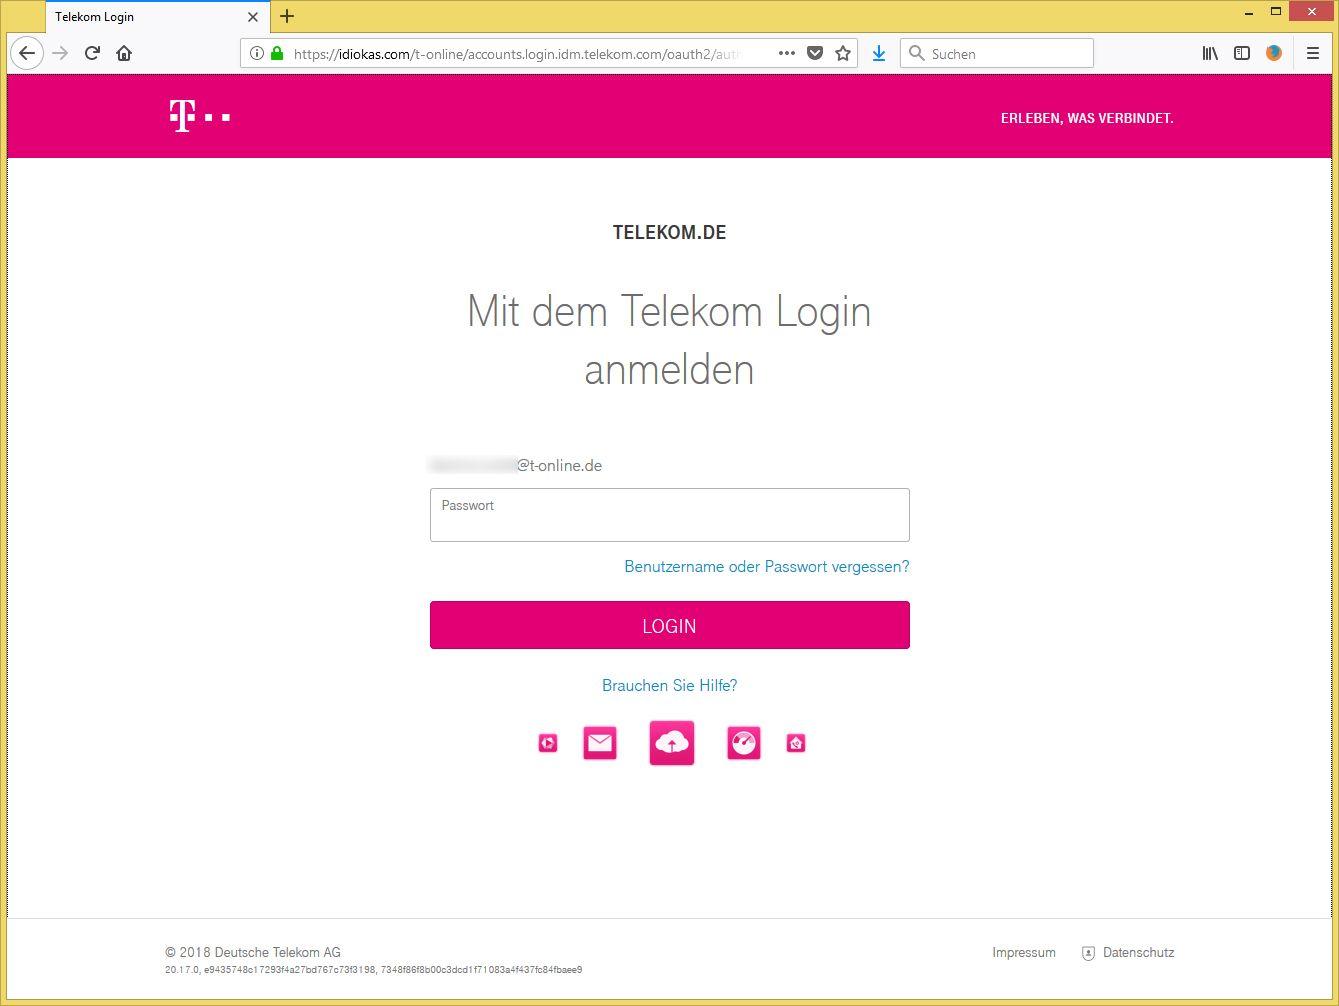 Benachrichtigung von Telekom (h.winter-fuerth@t-online.de